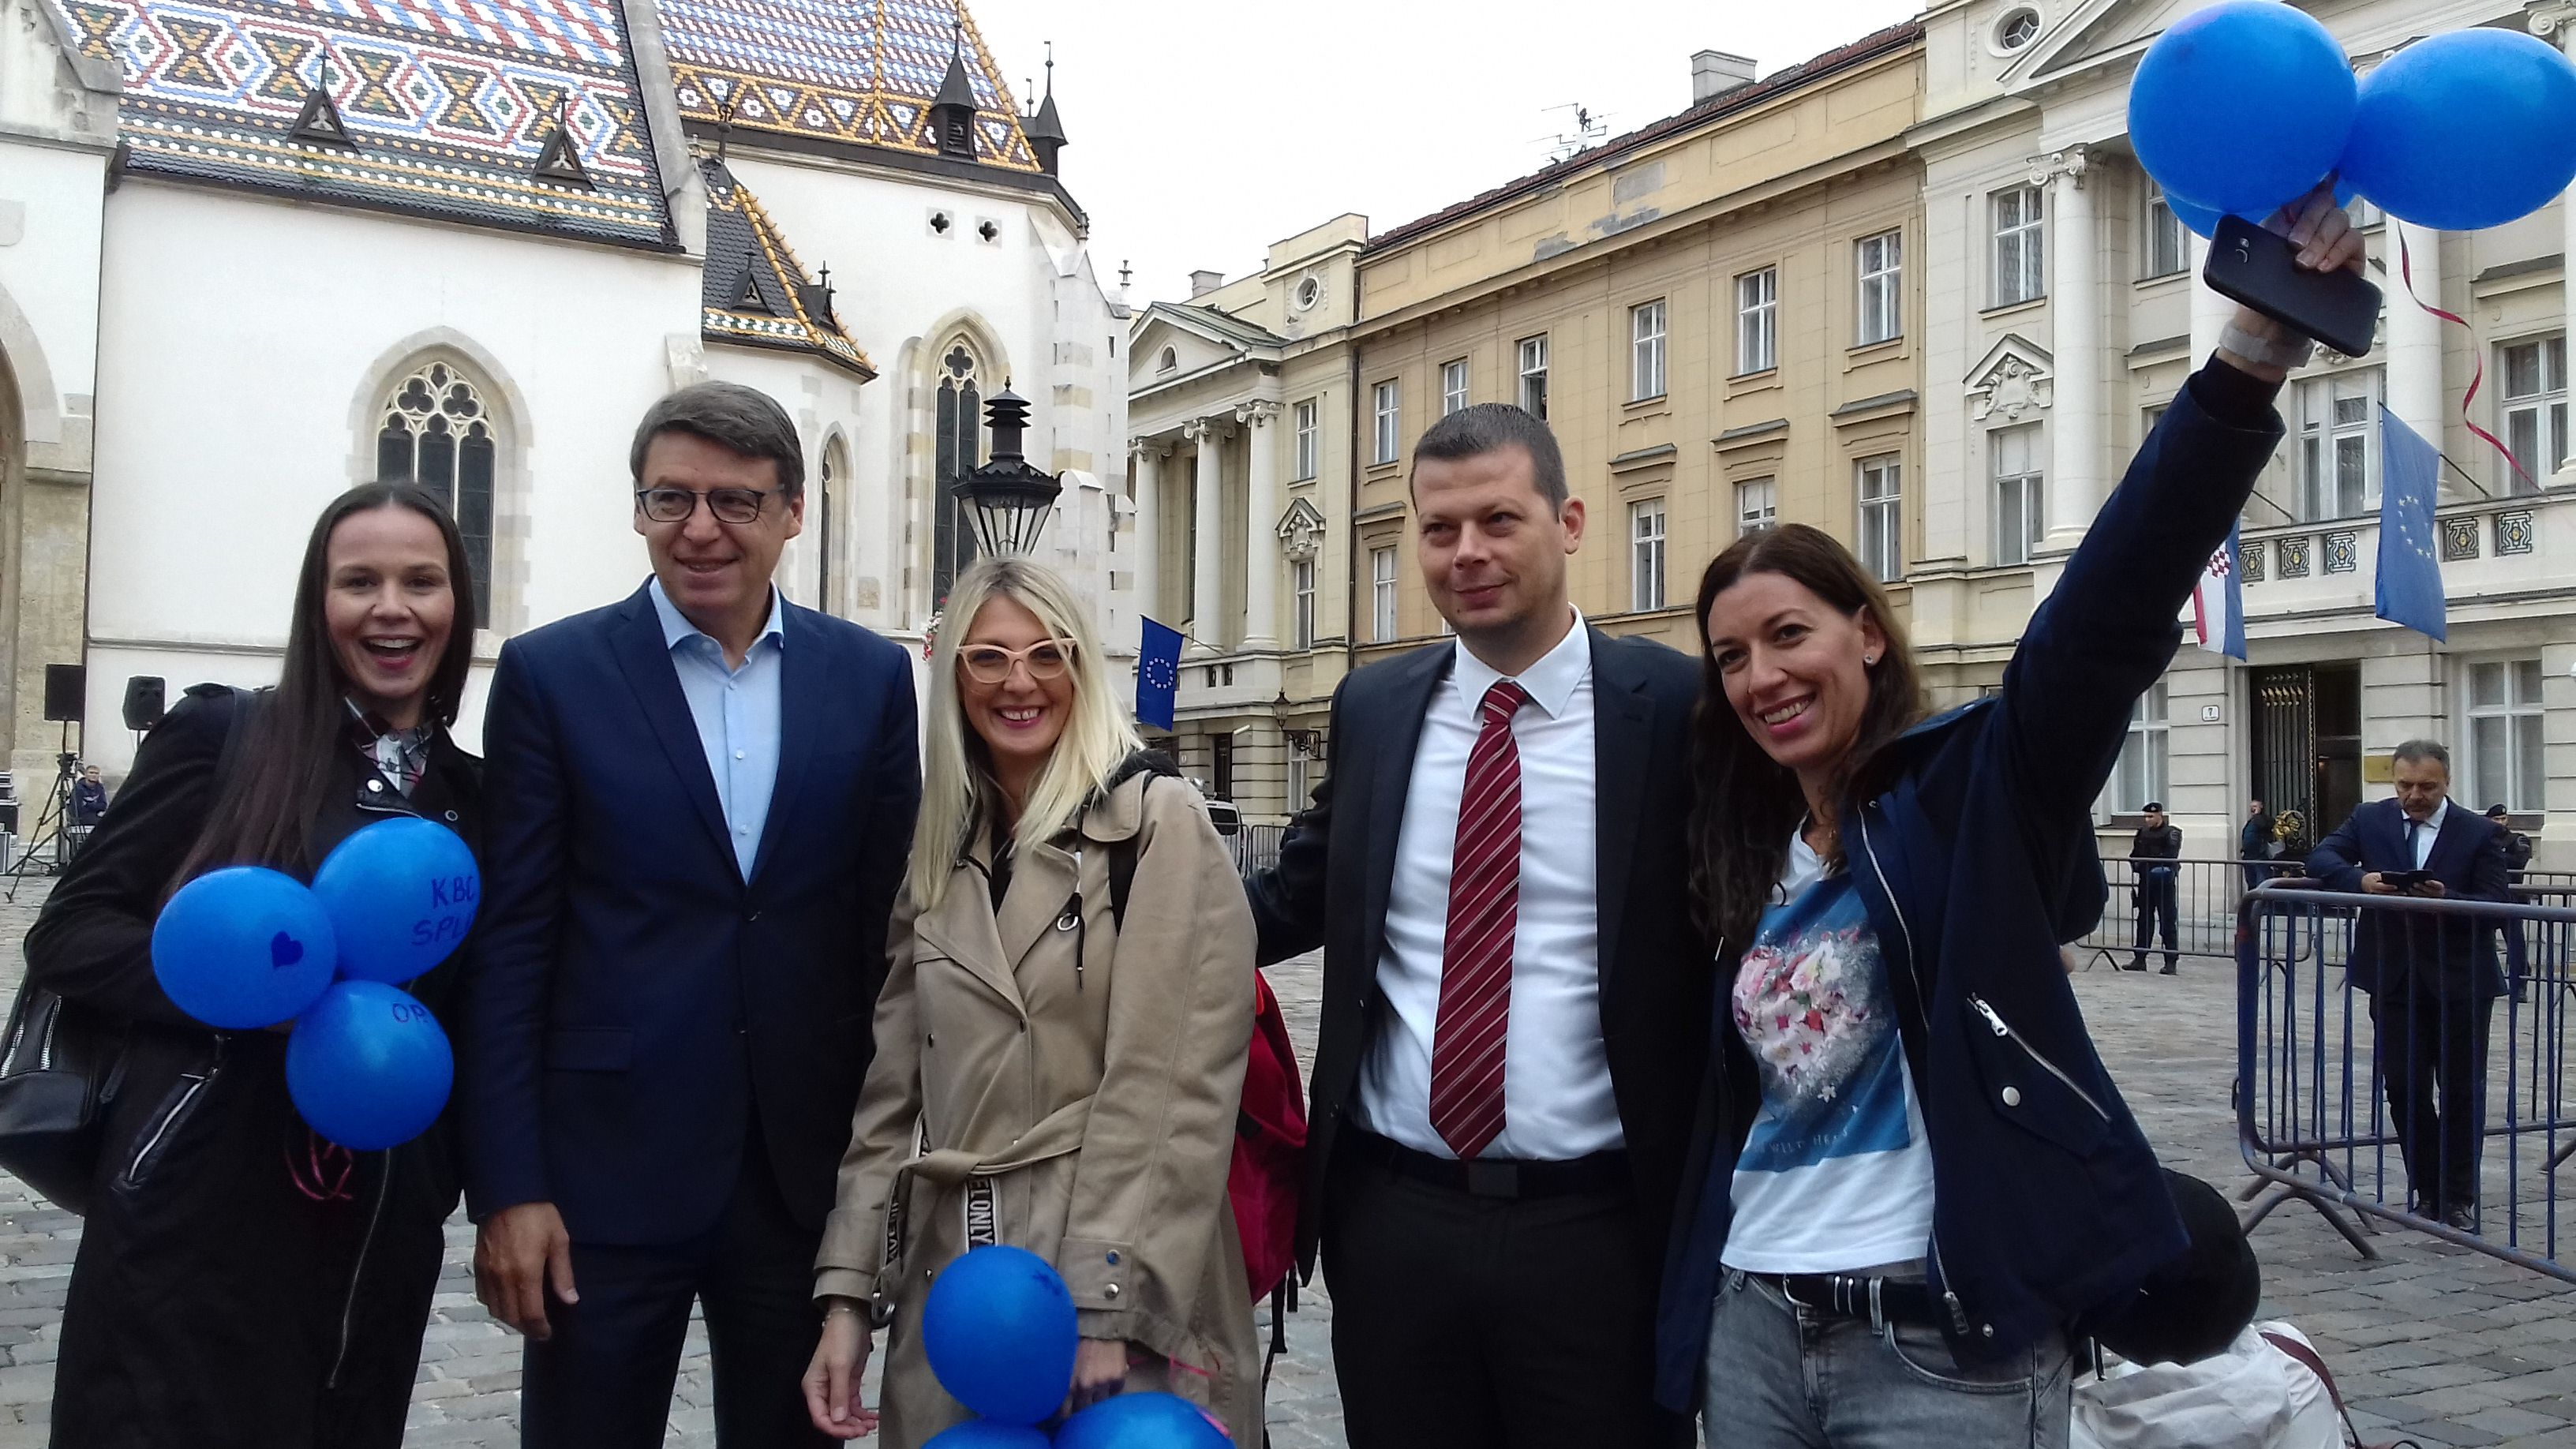 """Željko Jovanović u Saboru podržao prosvjed medicinskih sestara i tehničara: """"Aposlutna podrška prosvjednicima, nadamo se da će uspjeti izboriti svoja prava"""""""